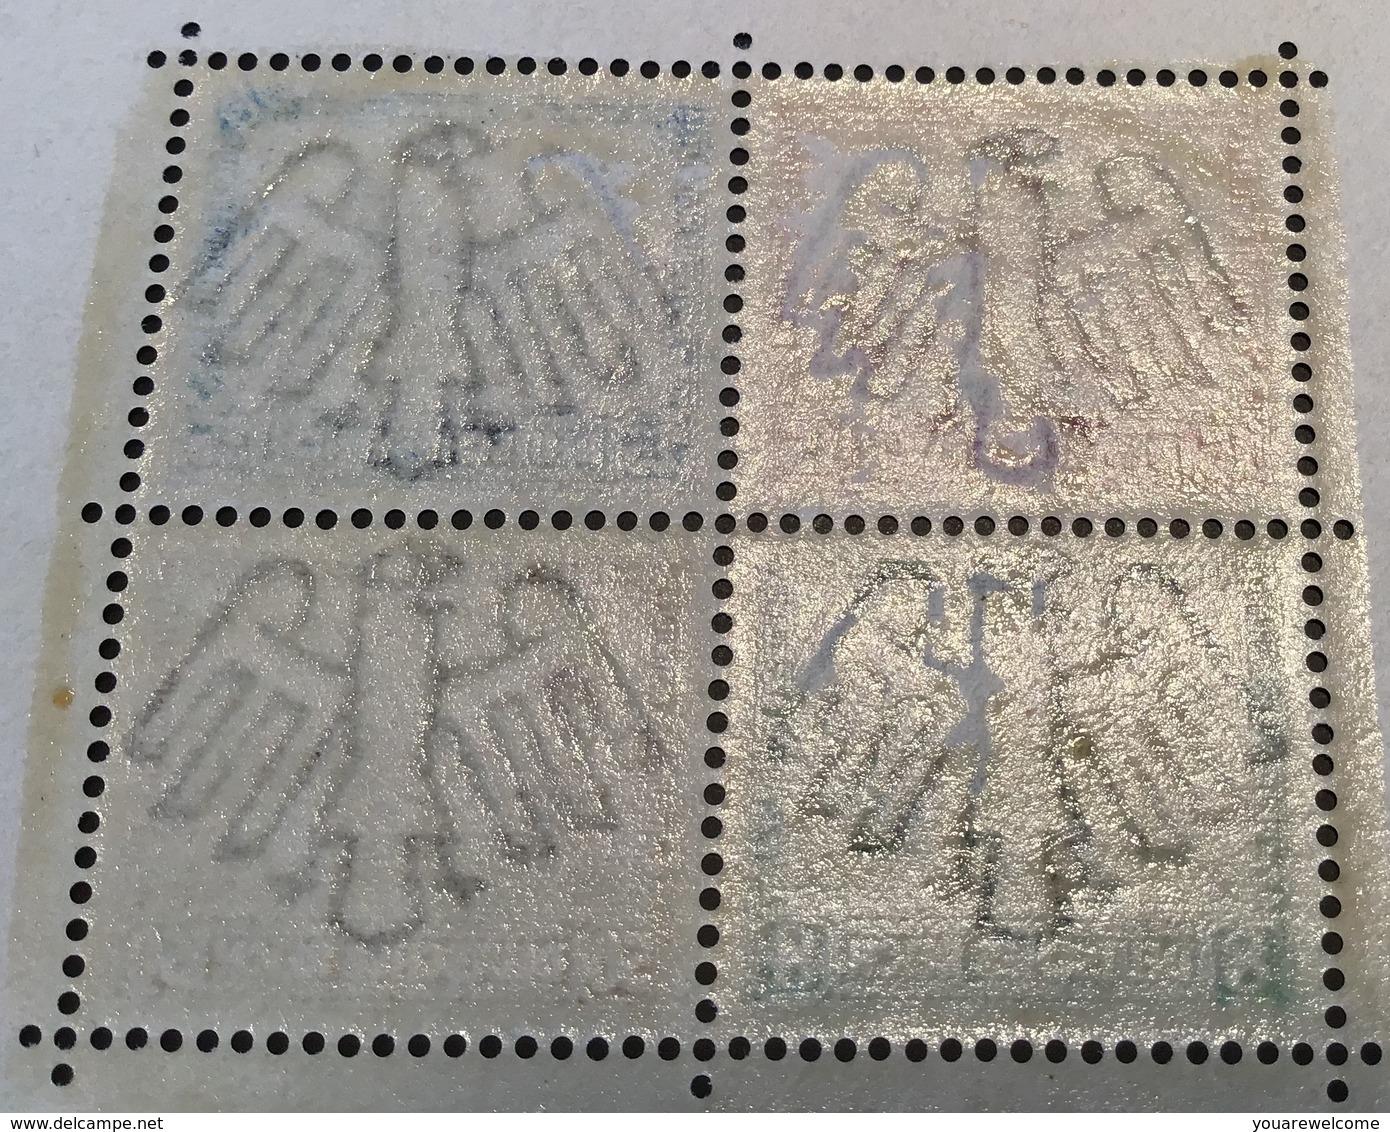 Deutsches Reich 1930 IPOSTA  Briefmarken Ausstellung Block 1** (bloc Souvenir Sheet Architecture Philatelic Exhibition - Deutschland